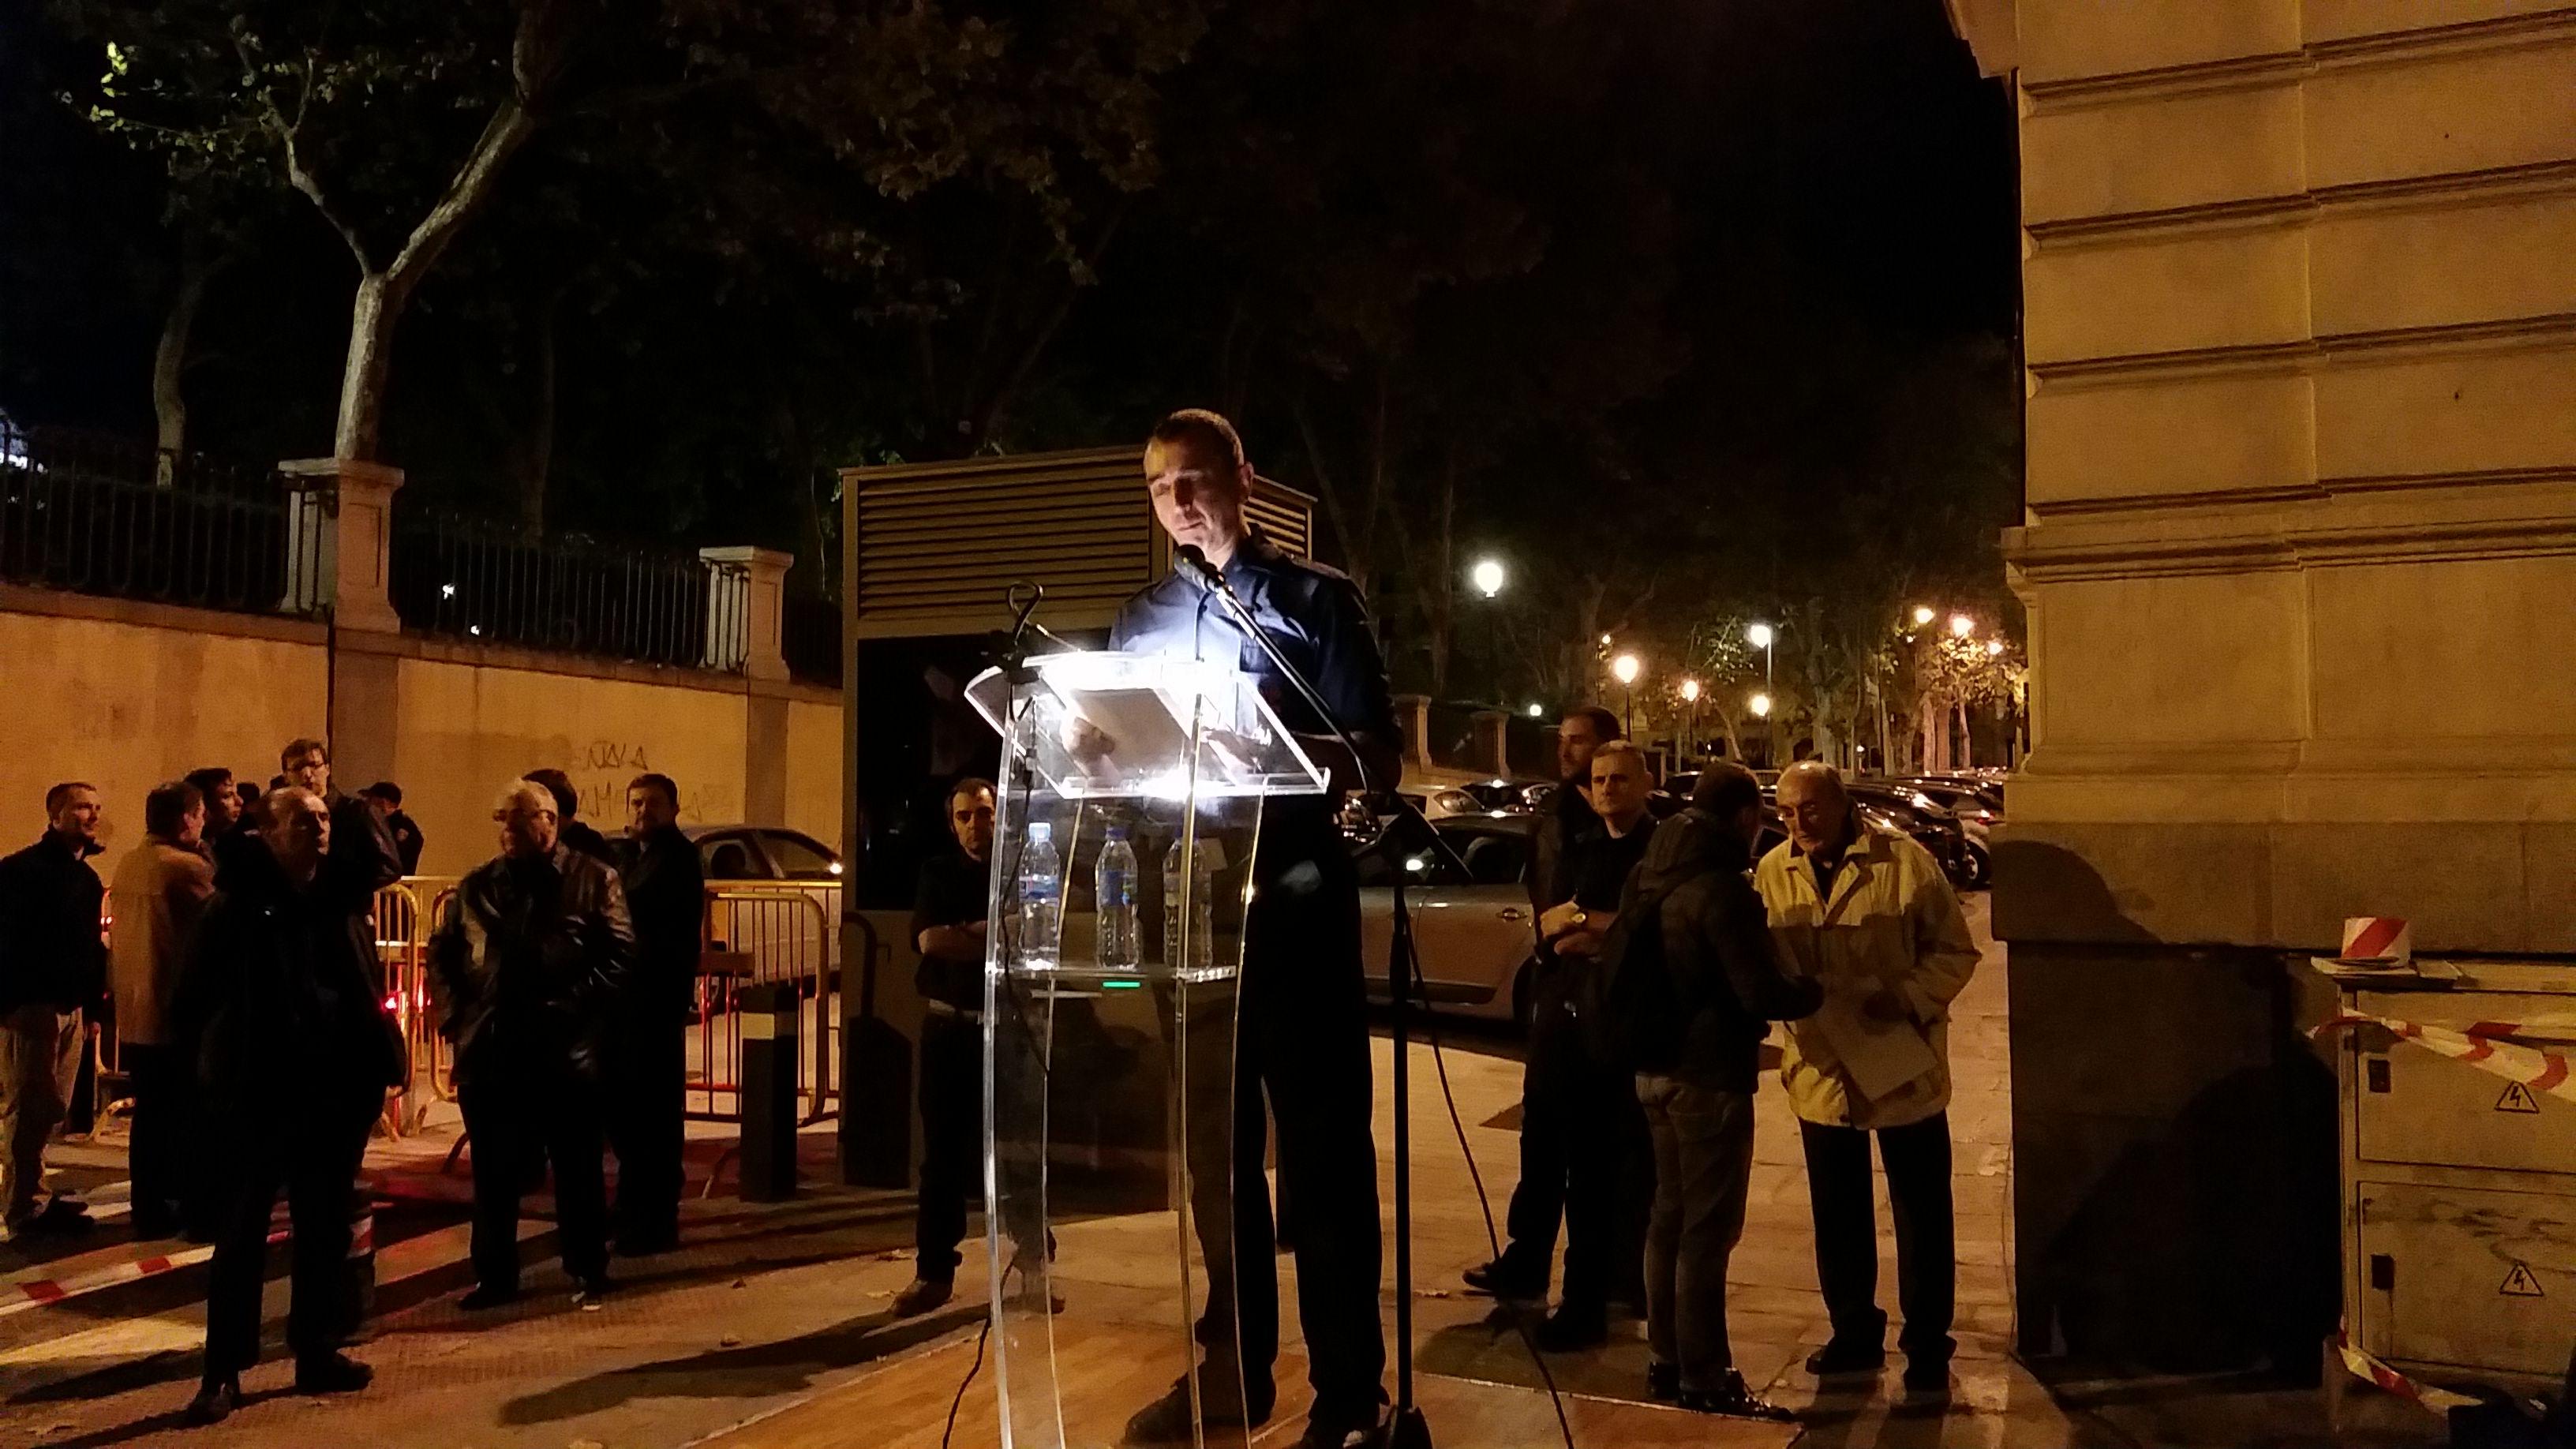 Discurso del Jefe Nacional de La Falange, Manuel Andrino, el 20N en la Calle Génova